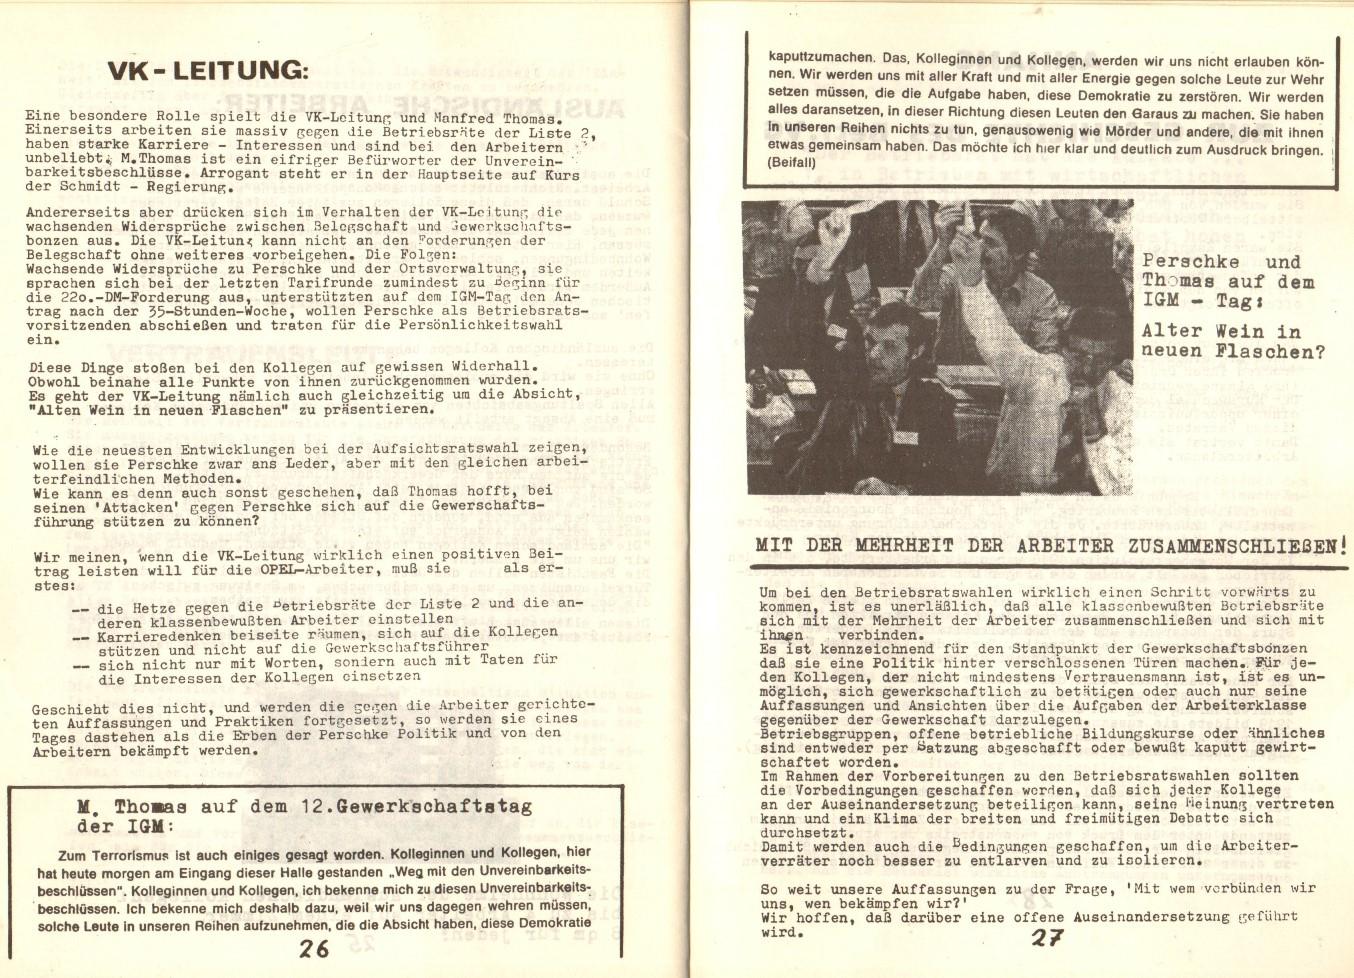 Bochum_KPD_1977_Betriebsratswahlen_1978_14